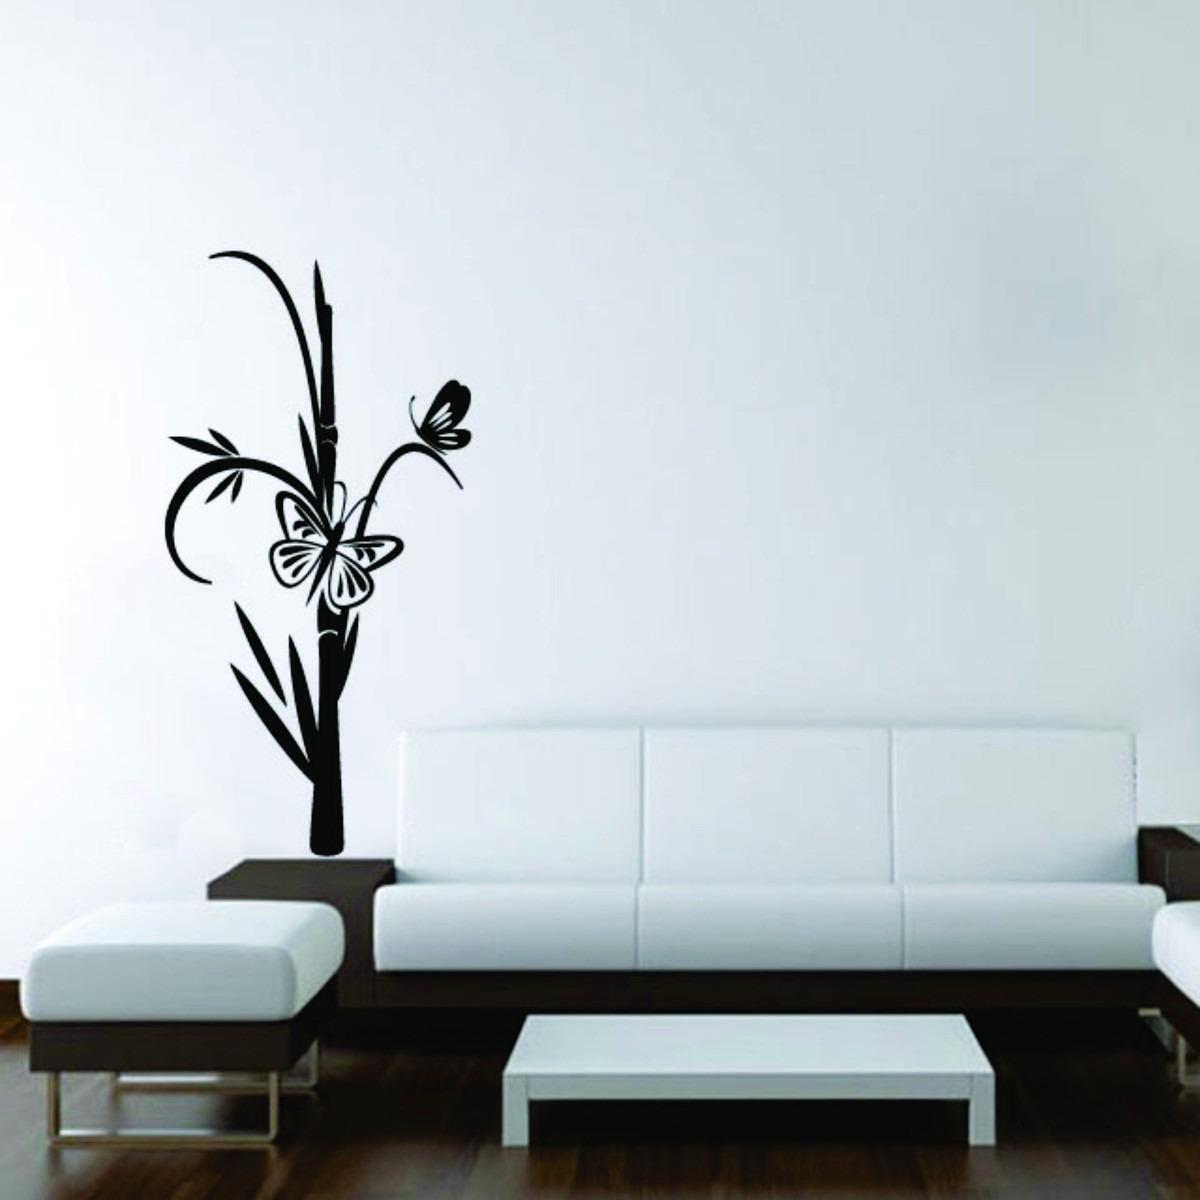 Adesivo Decorativo De Parede Floral Flor Borboletas Sala R 24 99  -> Adesivo Sala De Jantar